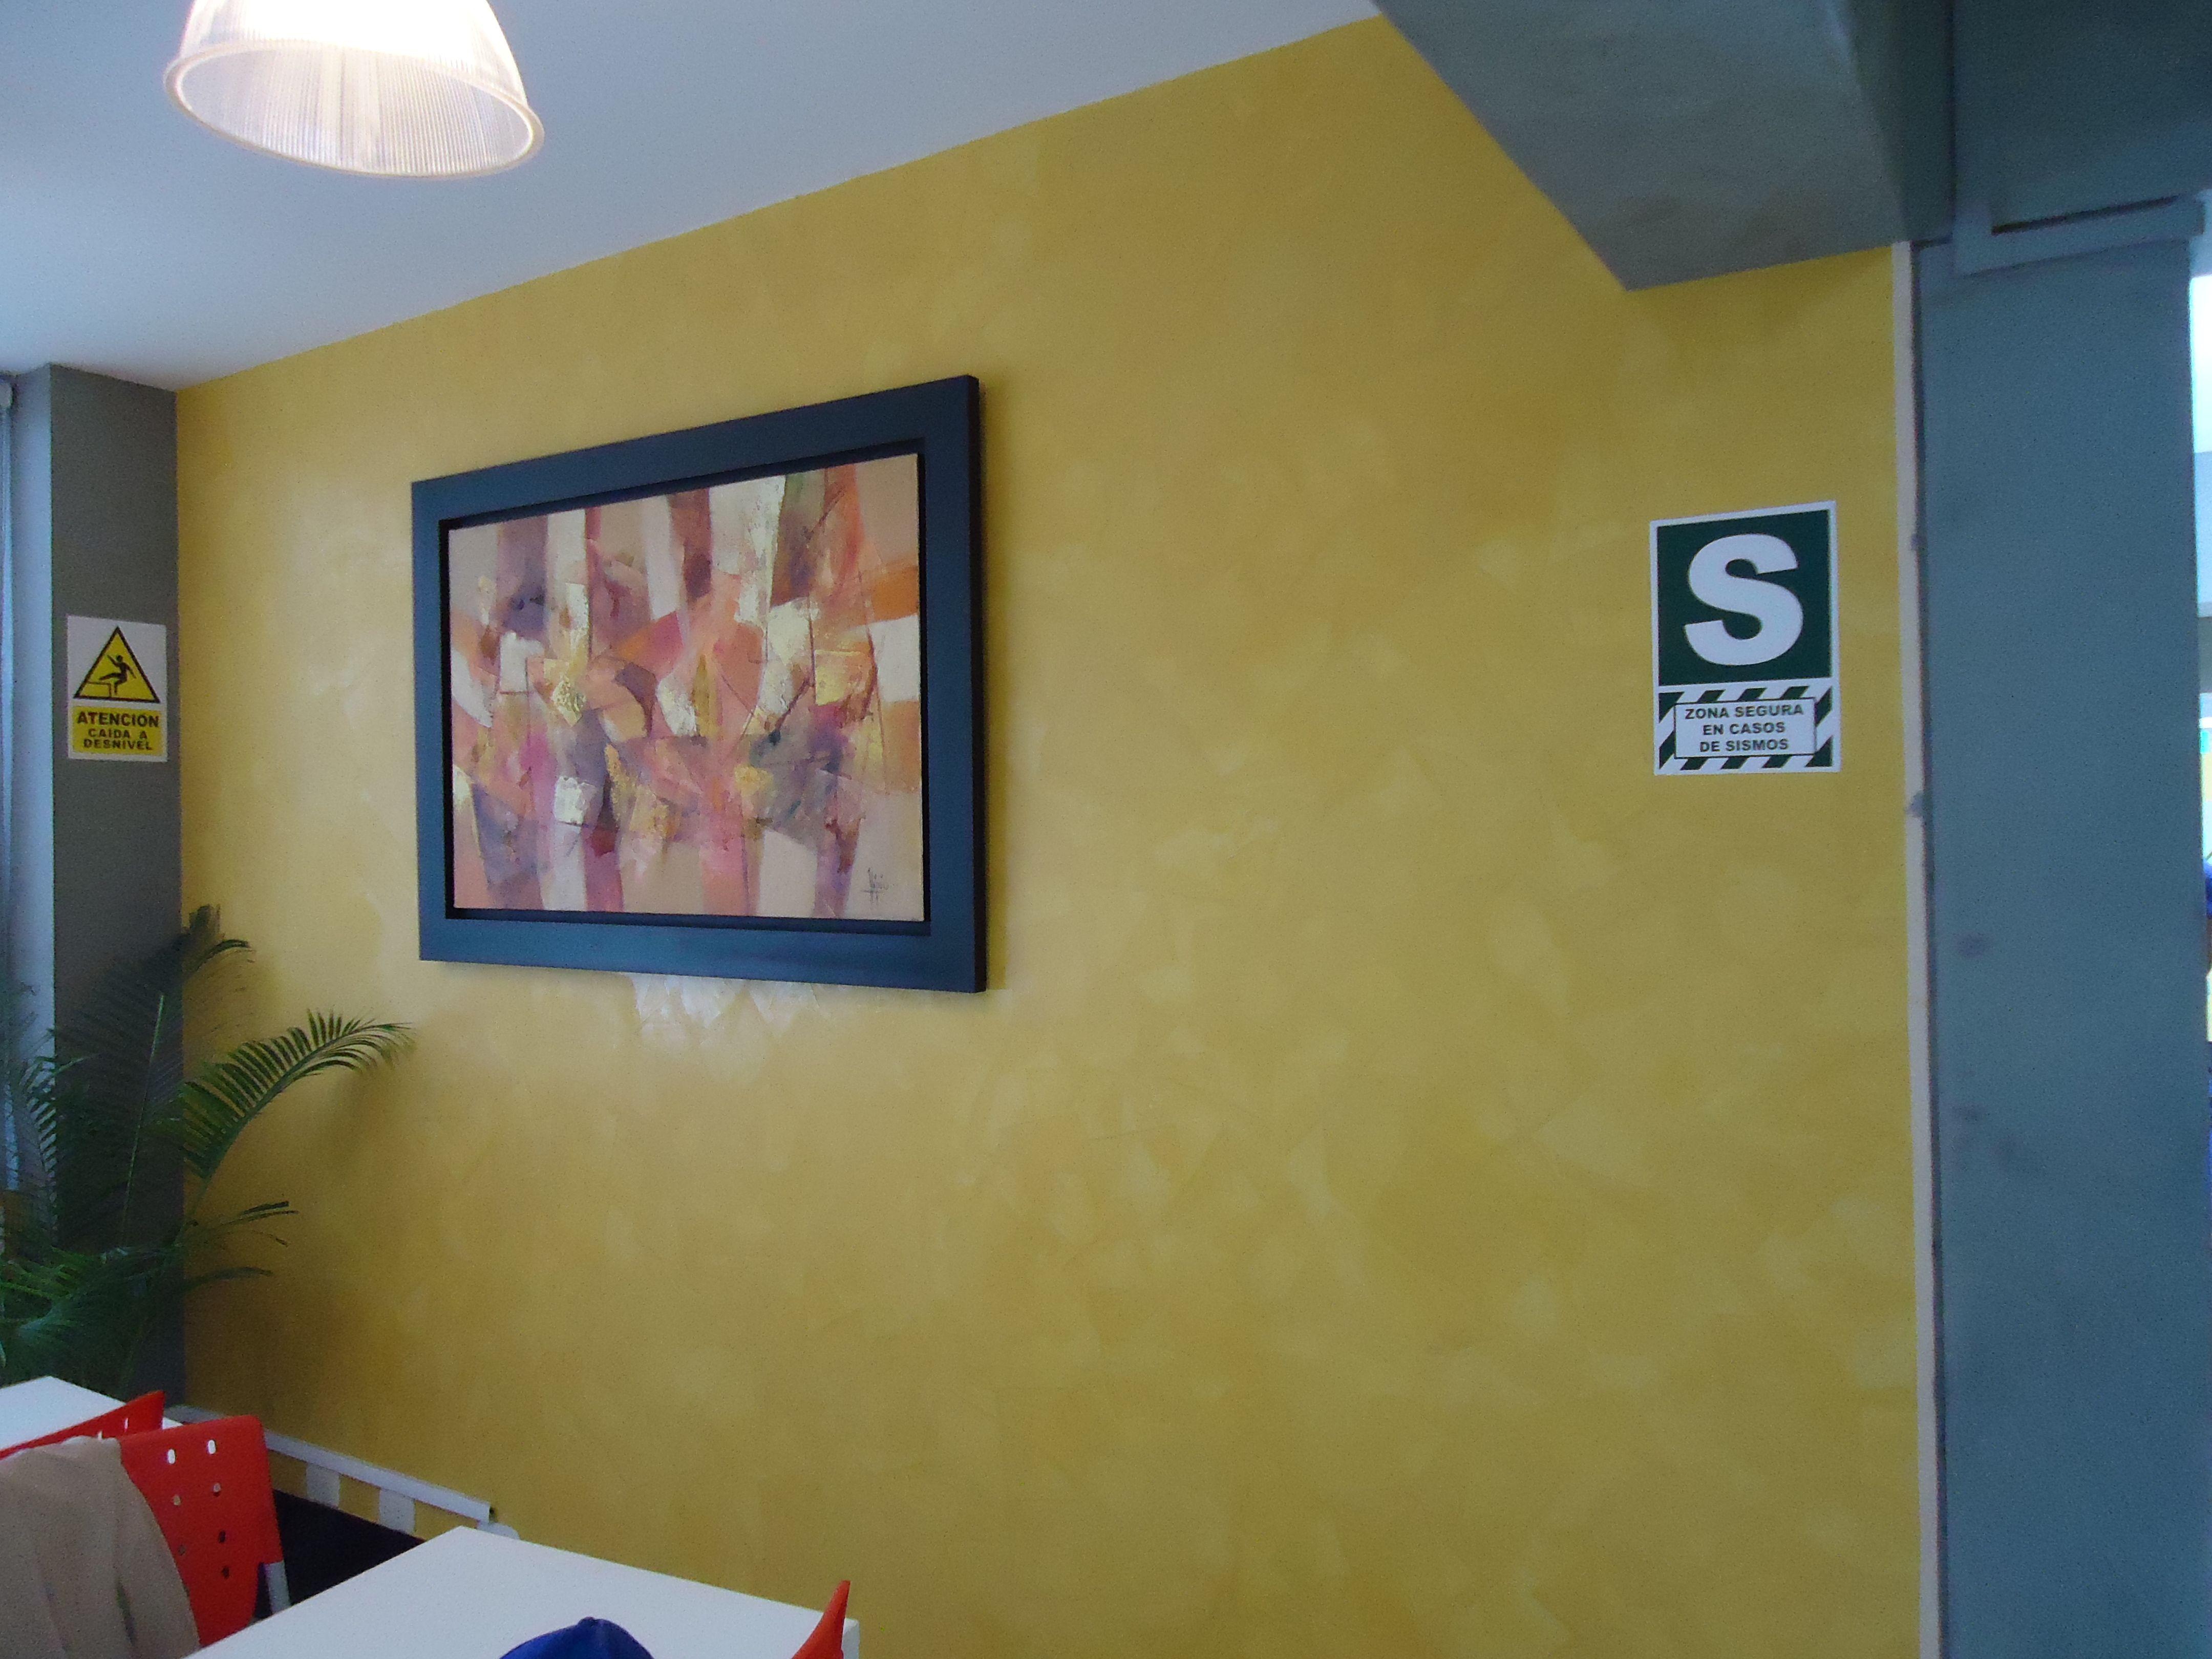 Servicio de estucado diferentes áreas como recepción, sala de espera.